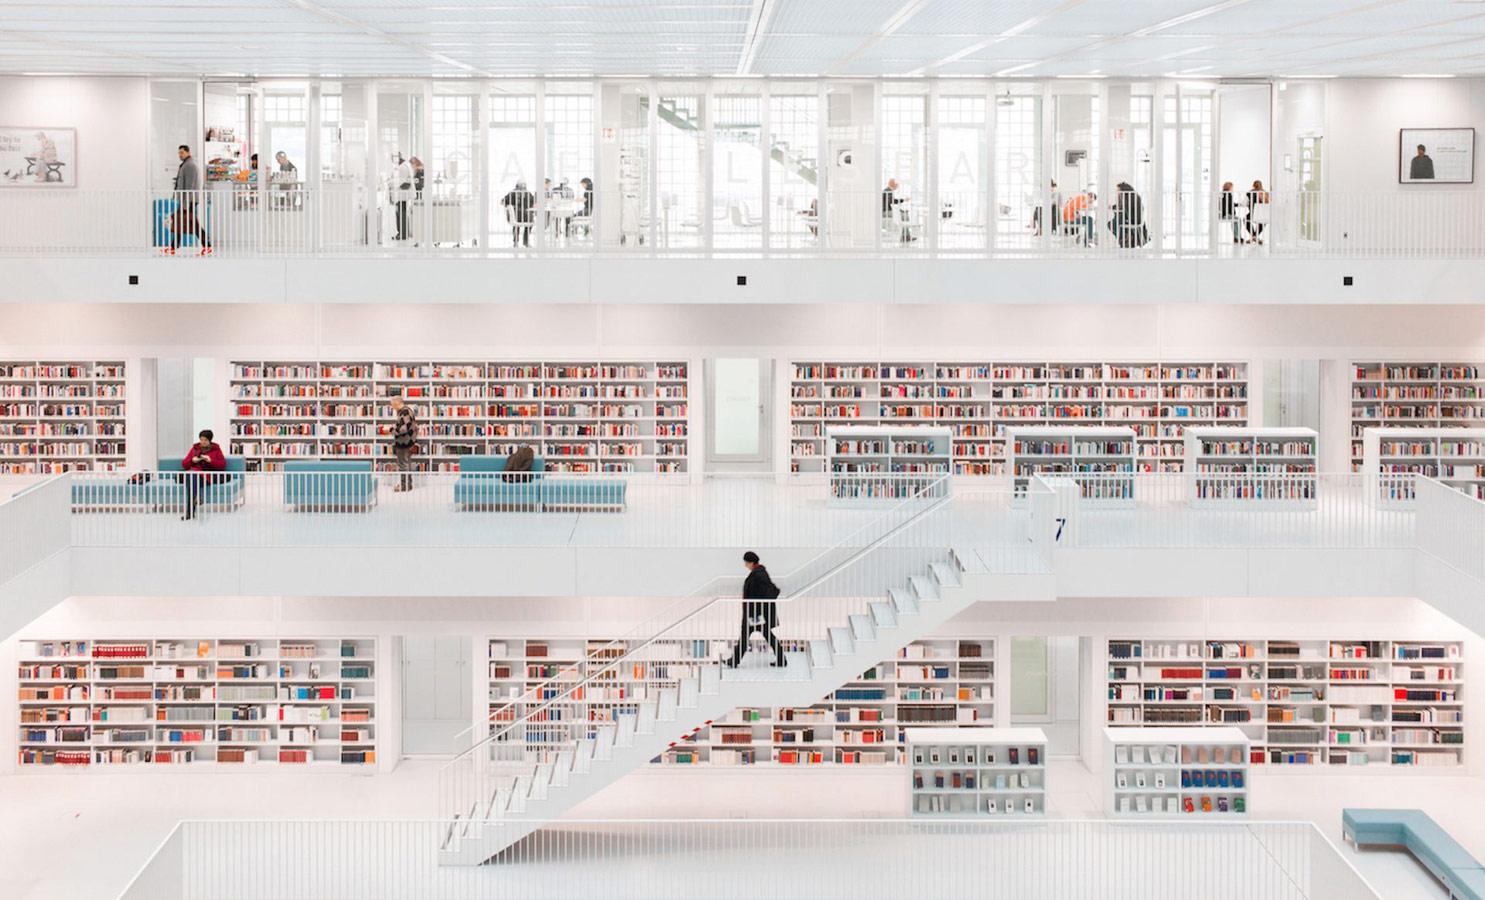 Ханс-Мартин Дольц, Германия / Hans-Martin Doelz, Germany, 1-е место в категории «Архитектура и городское пространство», Фотоконкурс Siena International Photography Awards